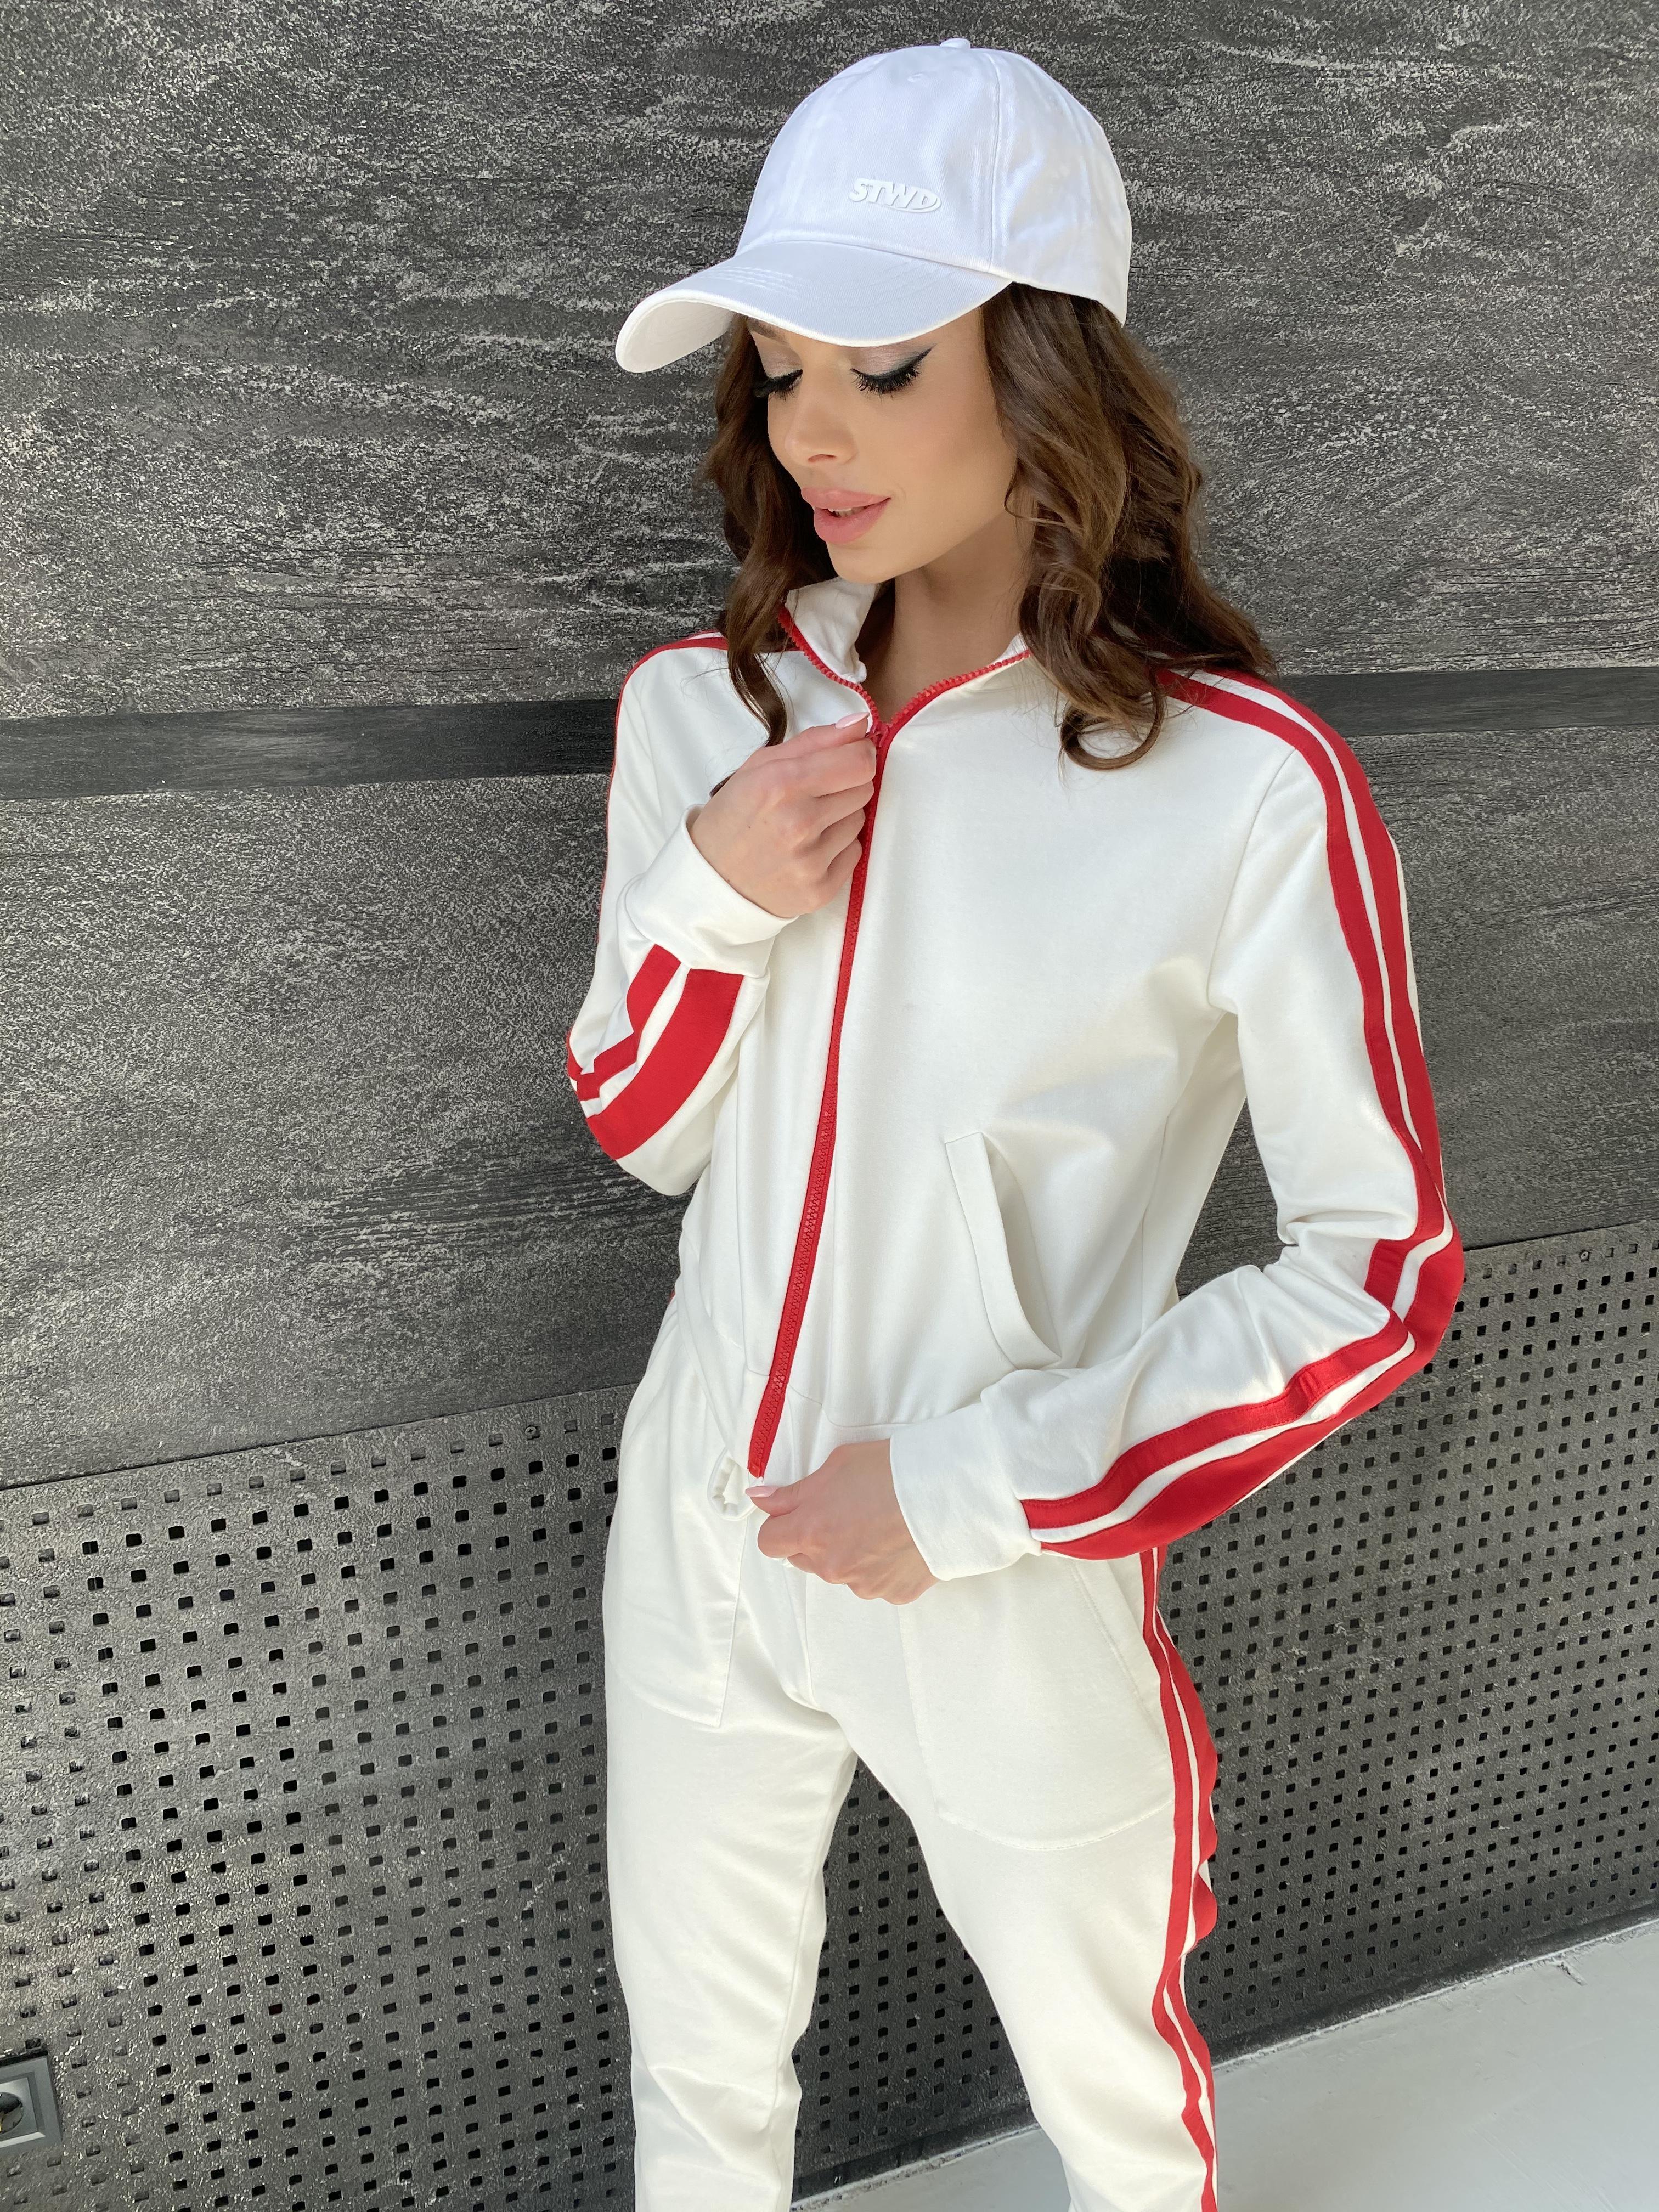 Камон костюм трикотажный из двунитки  9333 АРТ. 45761 Цвет: Молоко/красный - фото 12, интернет магазин tm-modus.ru